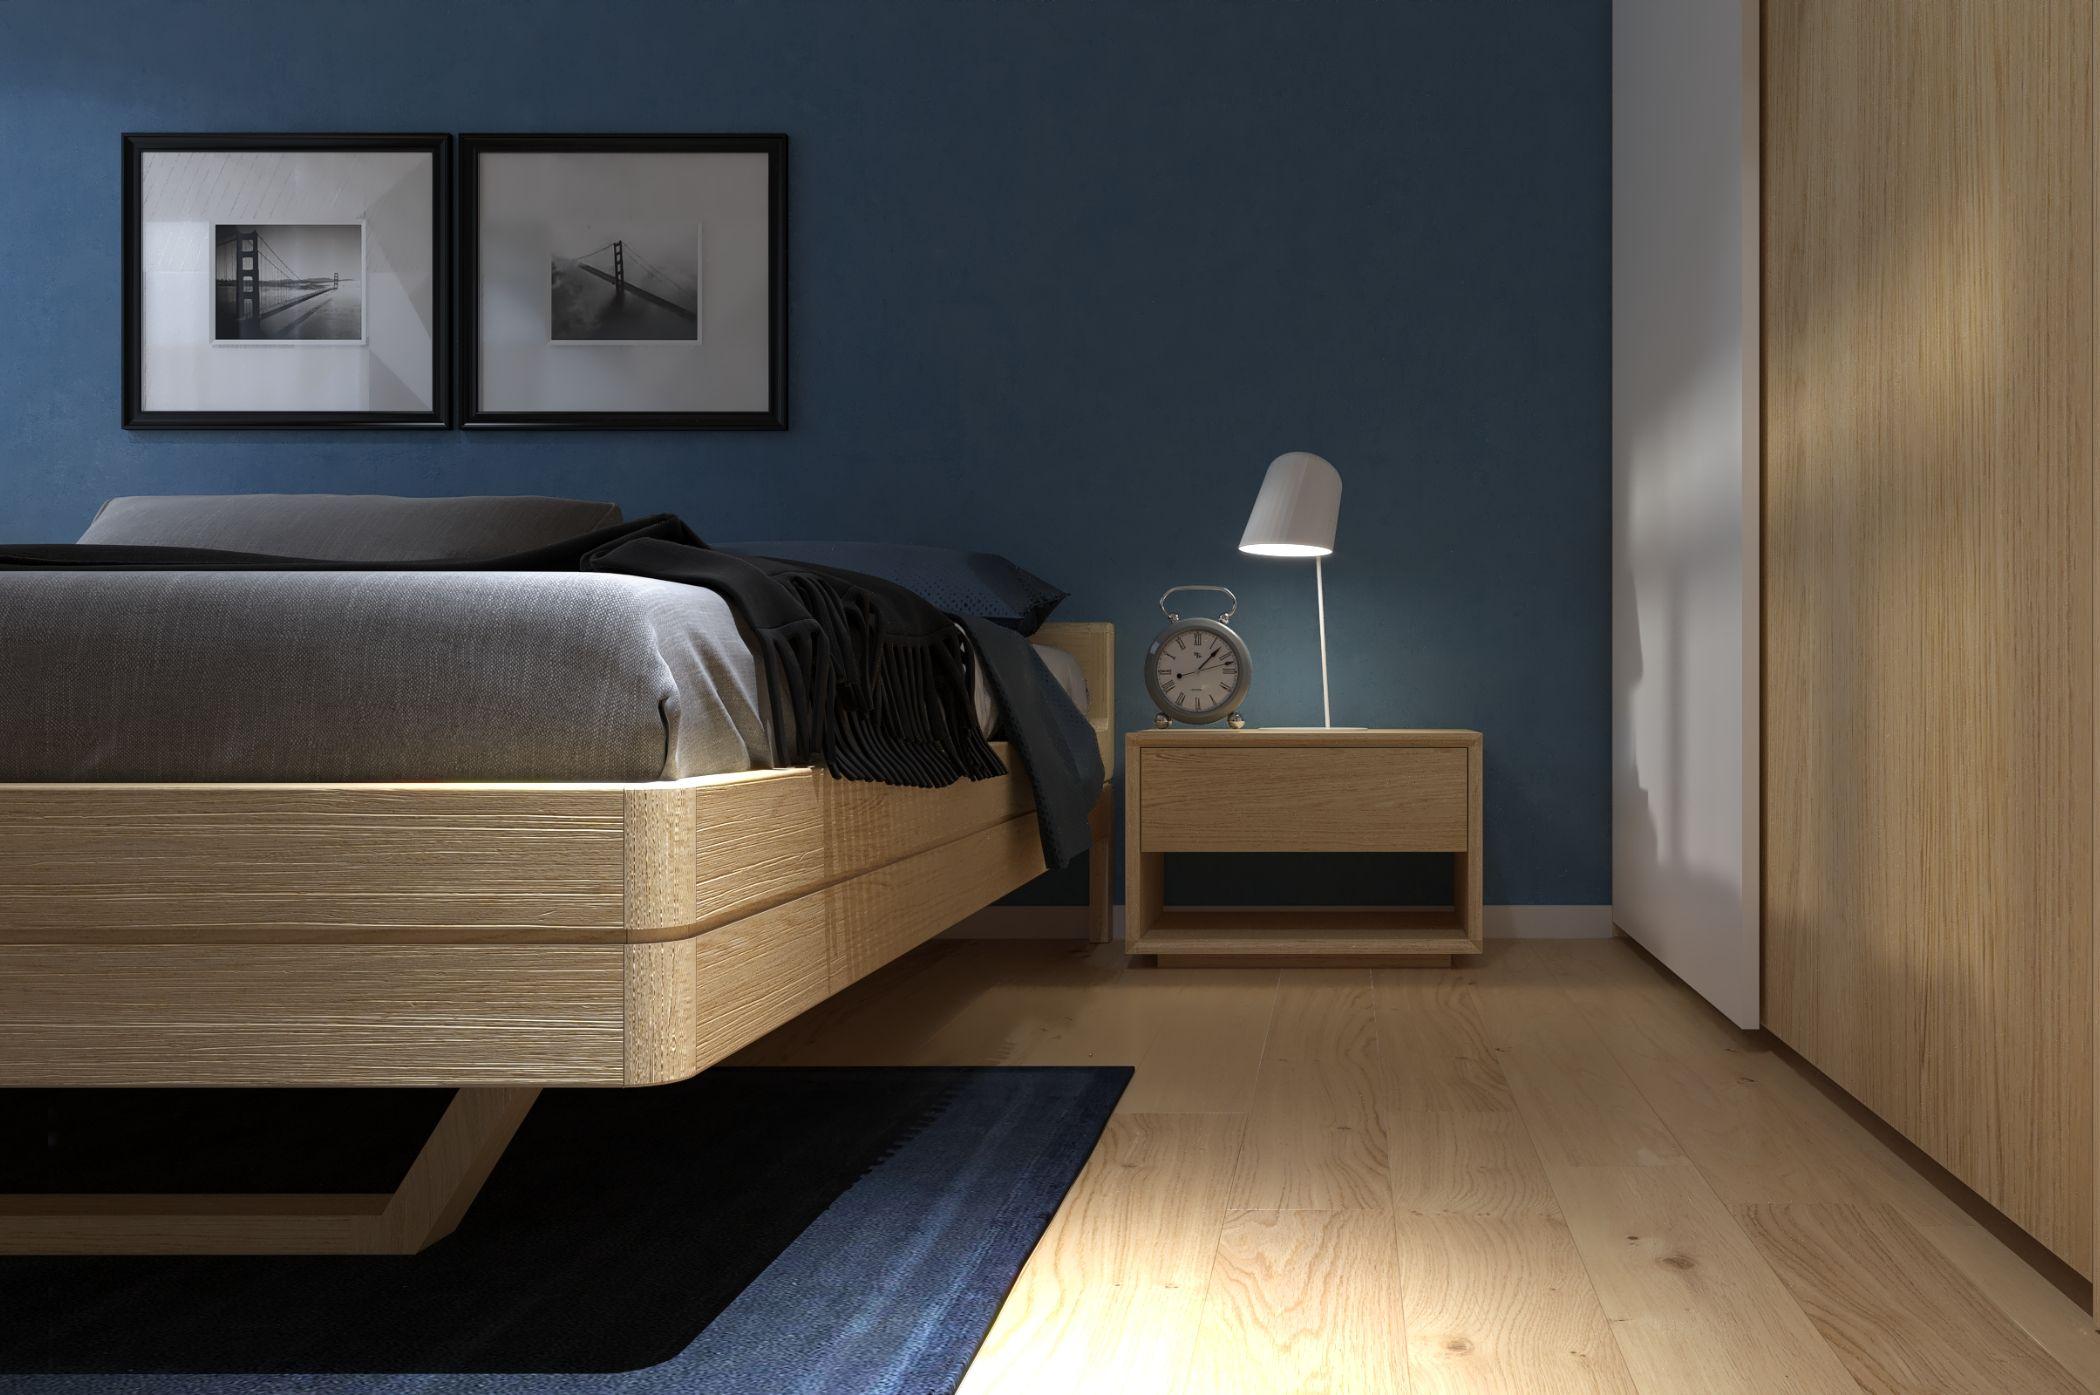 Hình ảnh thiết kế căn hộ Palm Heights 2 phòng ngủ đơn giản, tinh tế